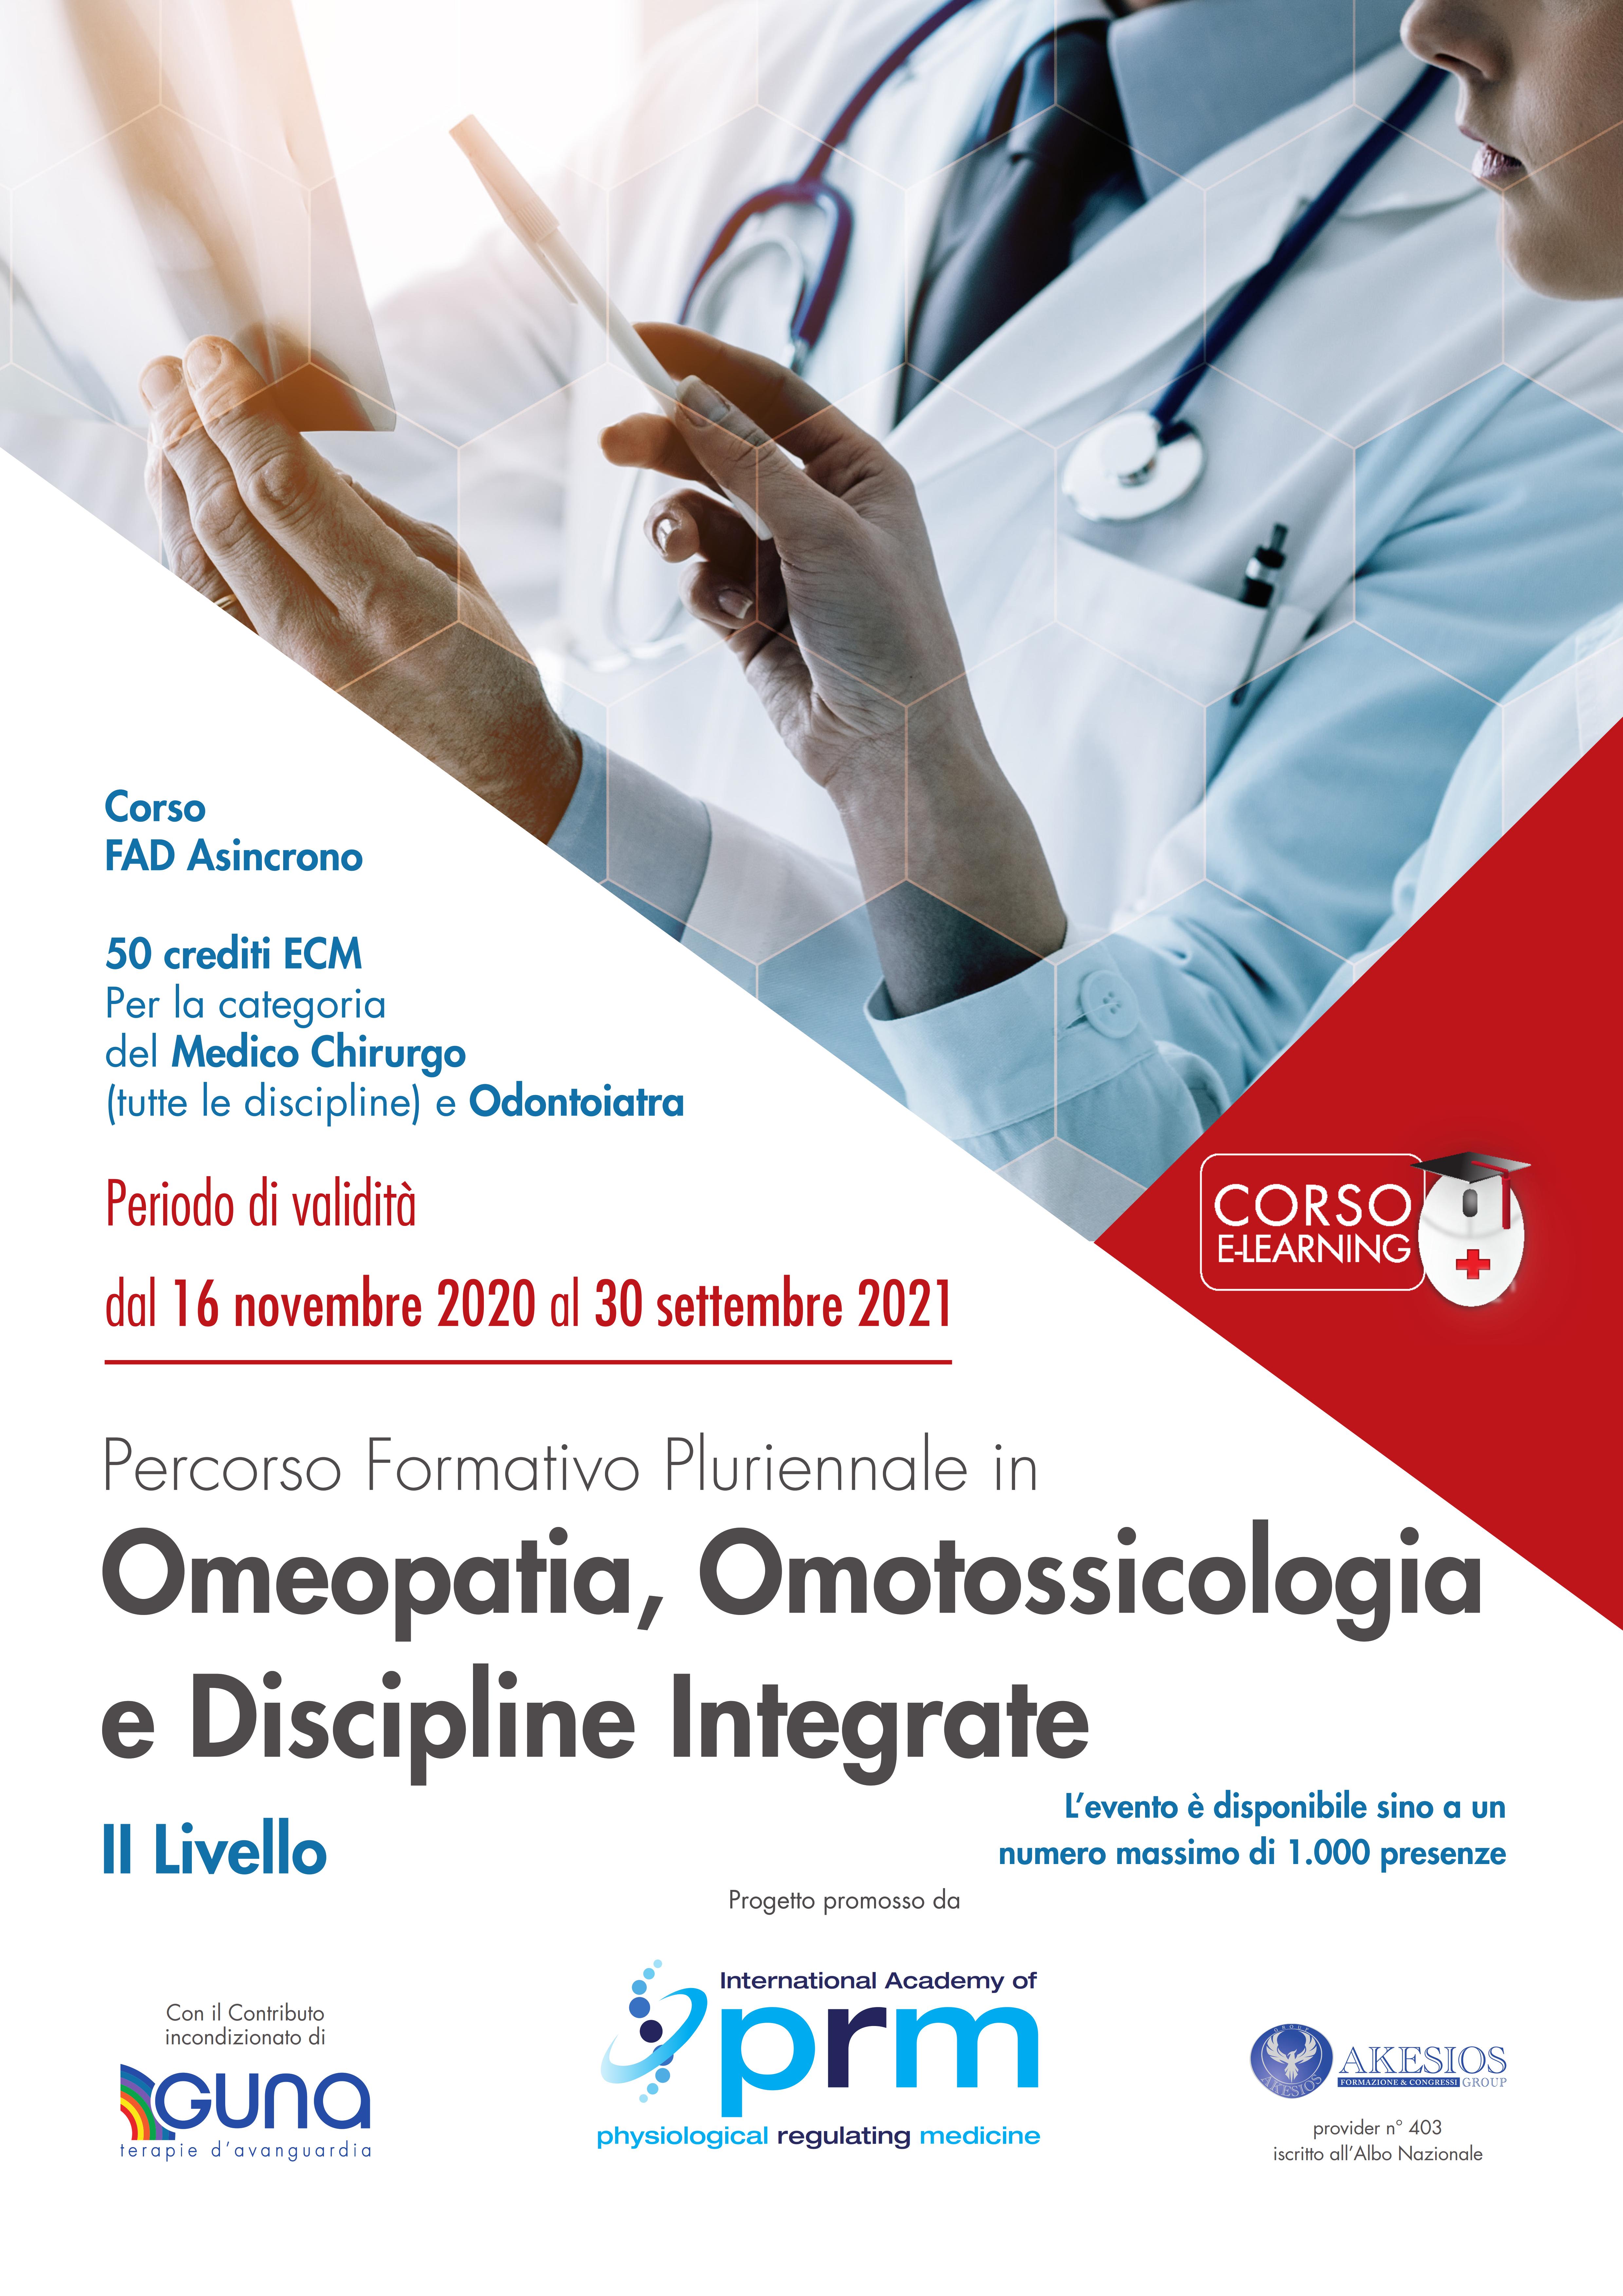 Percorso Formativo Pluriennale in Omeopatia, Omotossicologia e Discipline Integrate – II LIVELLO